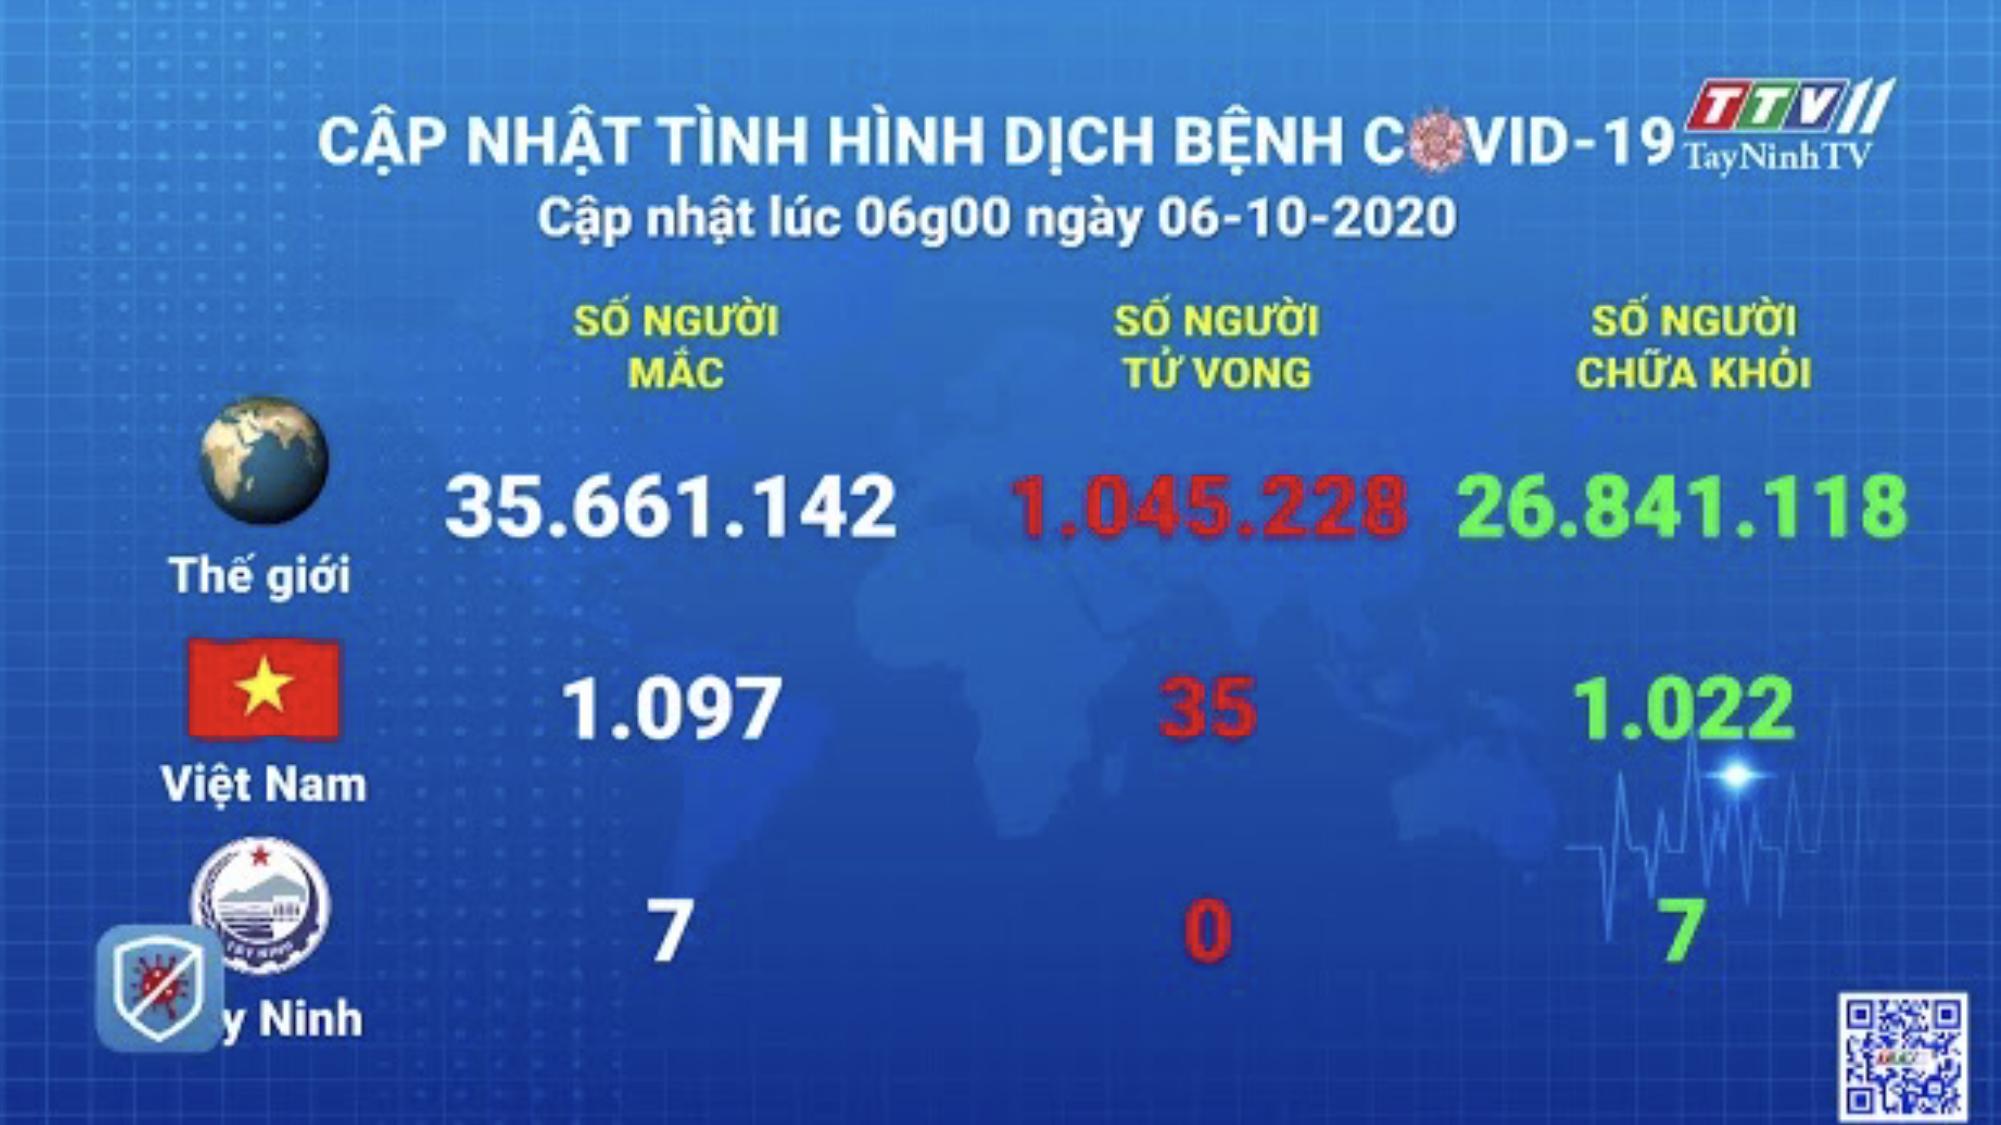 Cập nhật tình hình Covid-19 vào lúc 06 giờ 06-10-2020 | Thông tin dịch Covid-19 | TayNinhTV